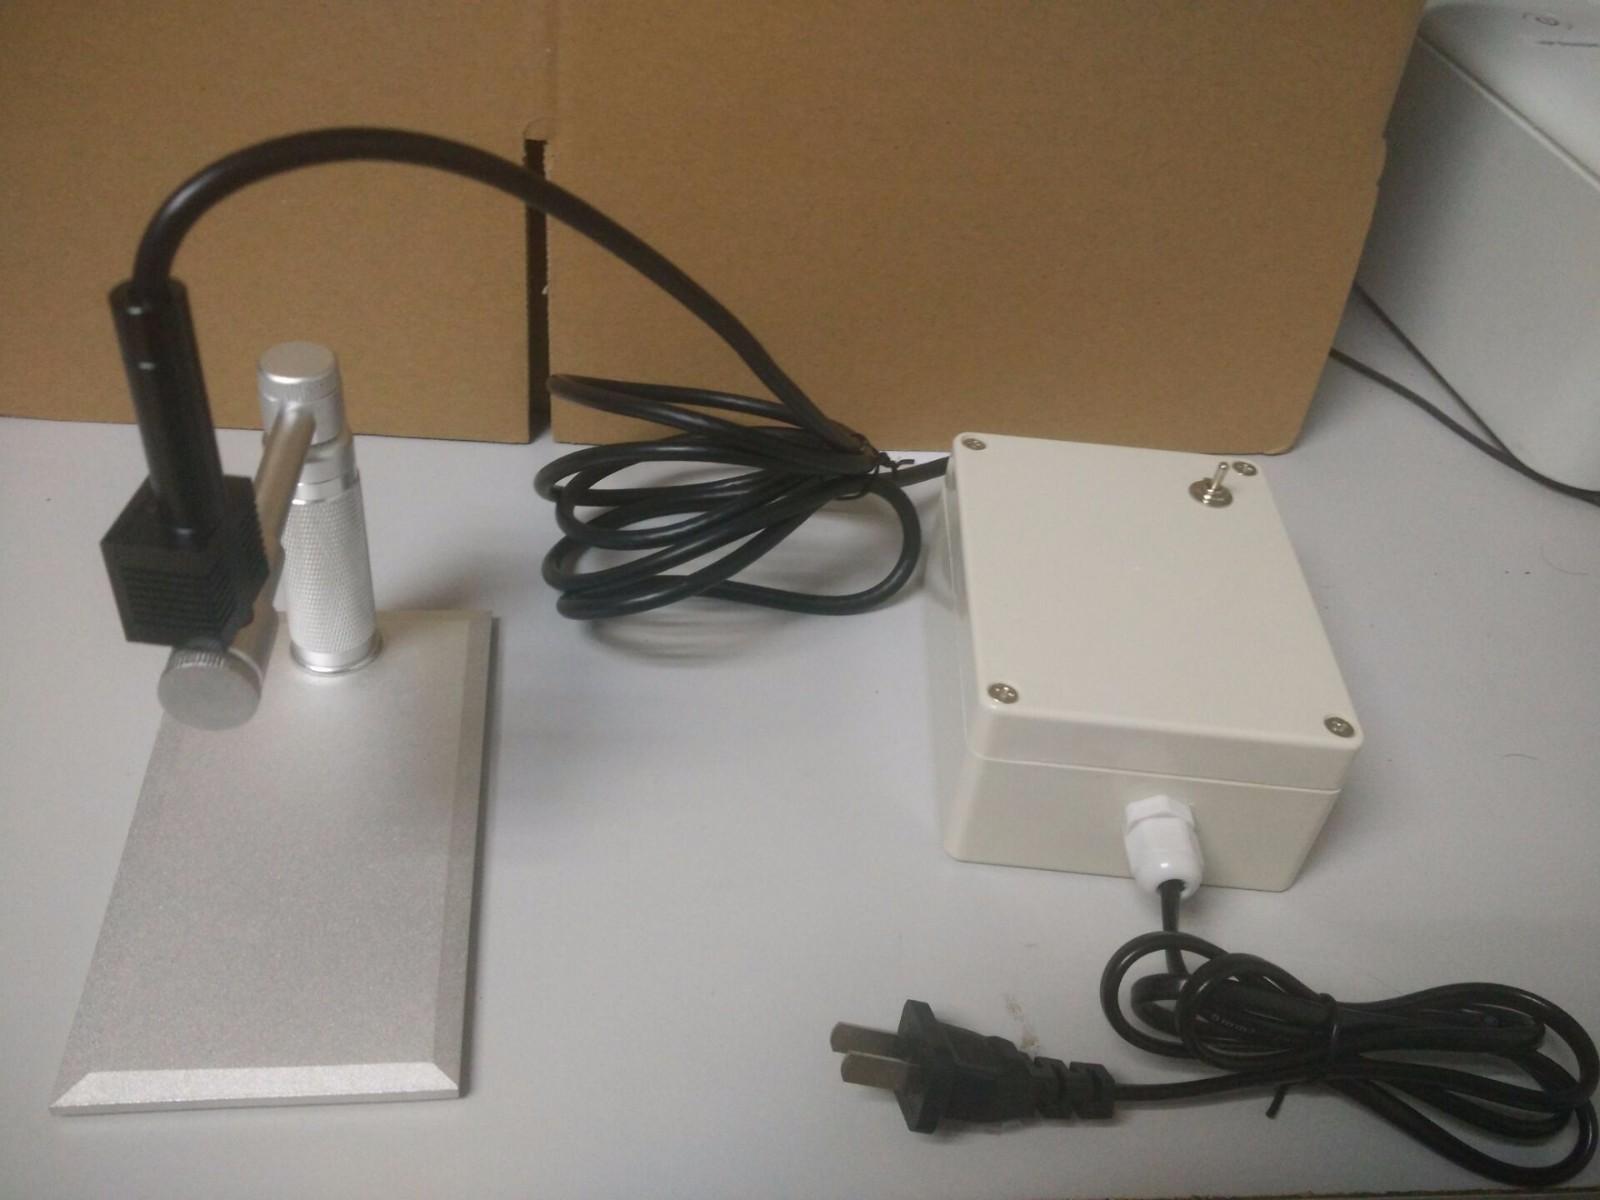 uvled点胶固化机uv胶水固化机uvled点光源紫外线led固化机